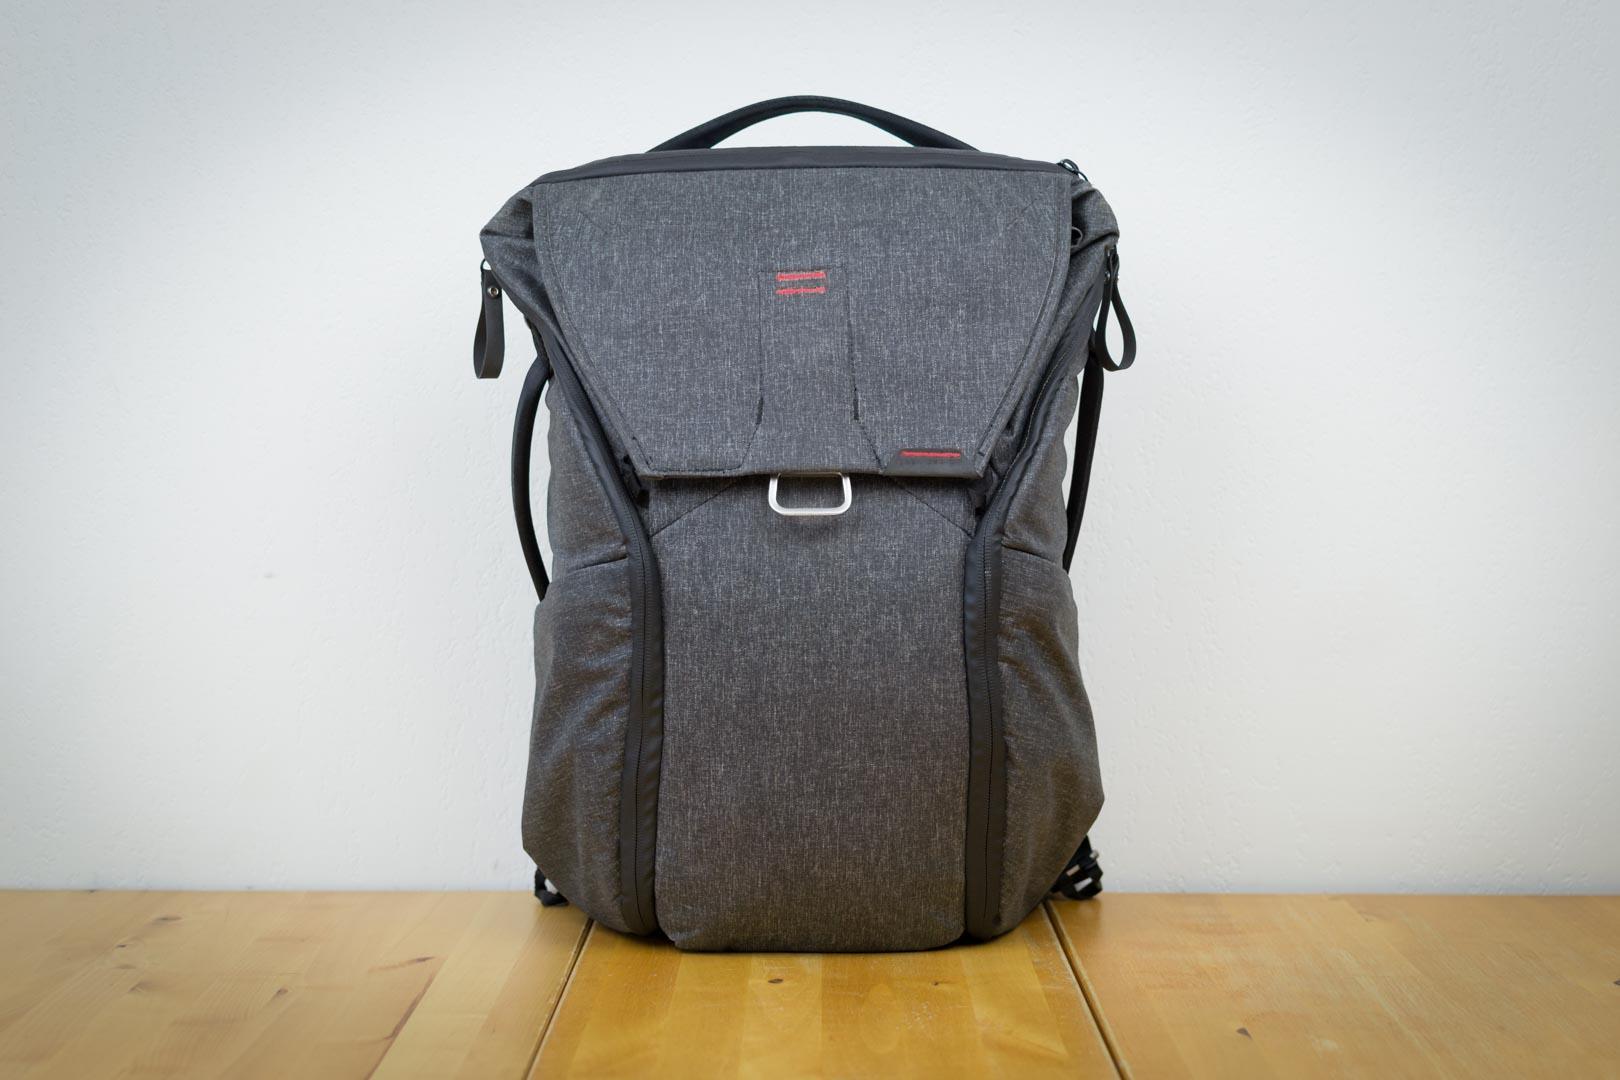 Le sac tient parfaitement debout